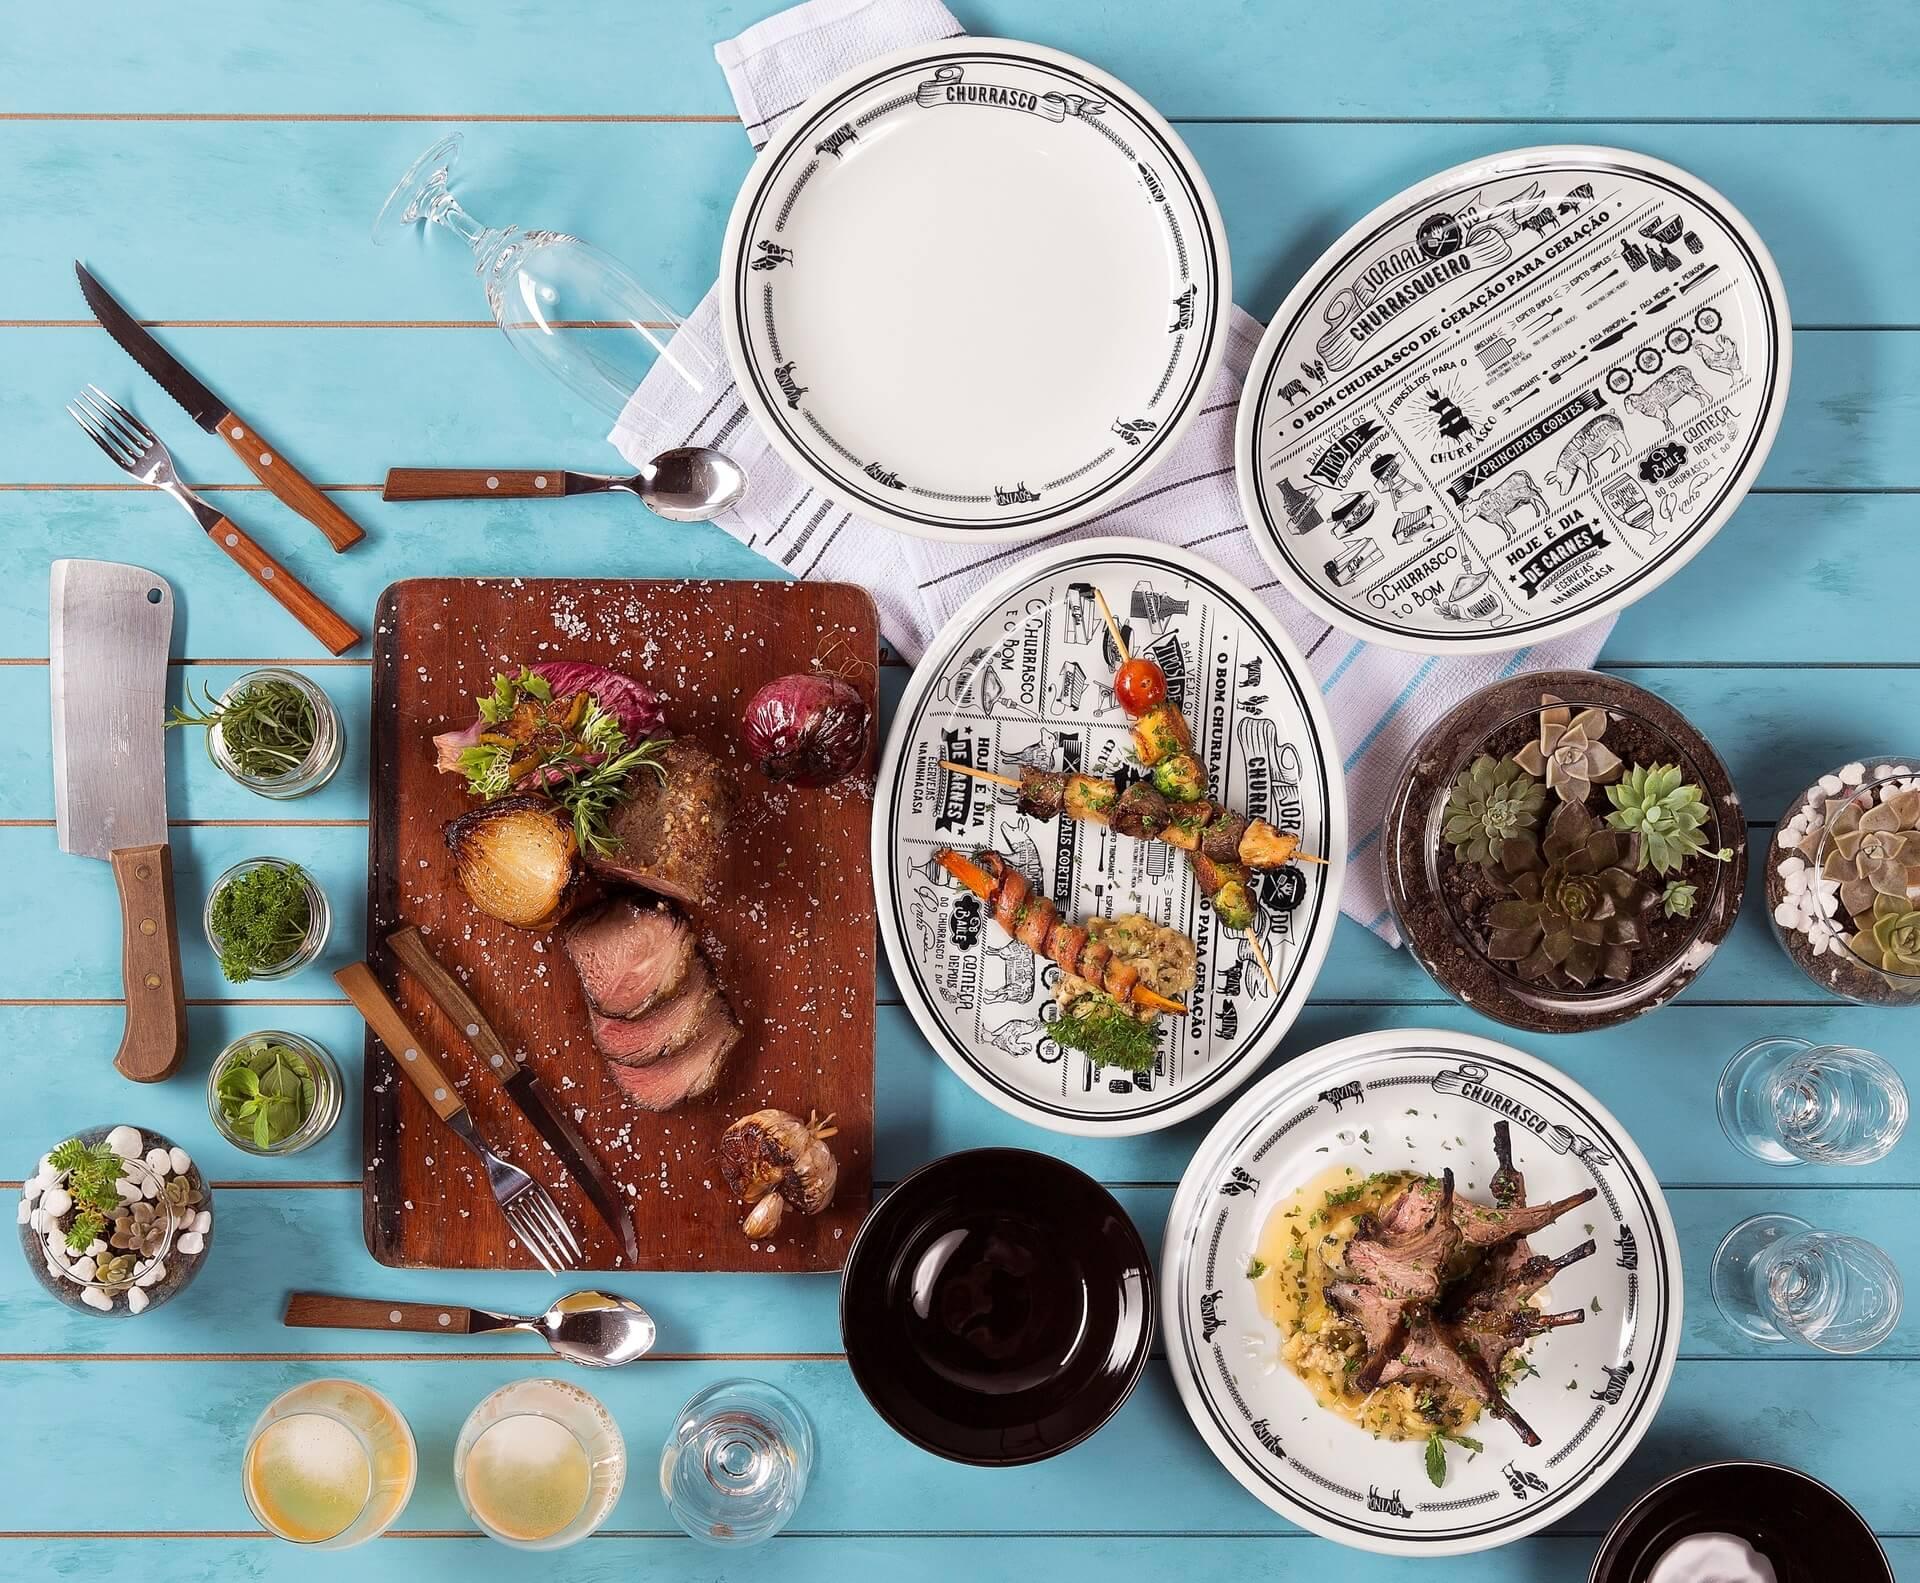 Imagem: Mesa de piquenique colorida com churrasco servido. Conjunto Jornal do Churrasqueiro, da Oxford.